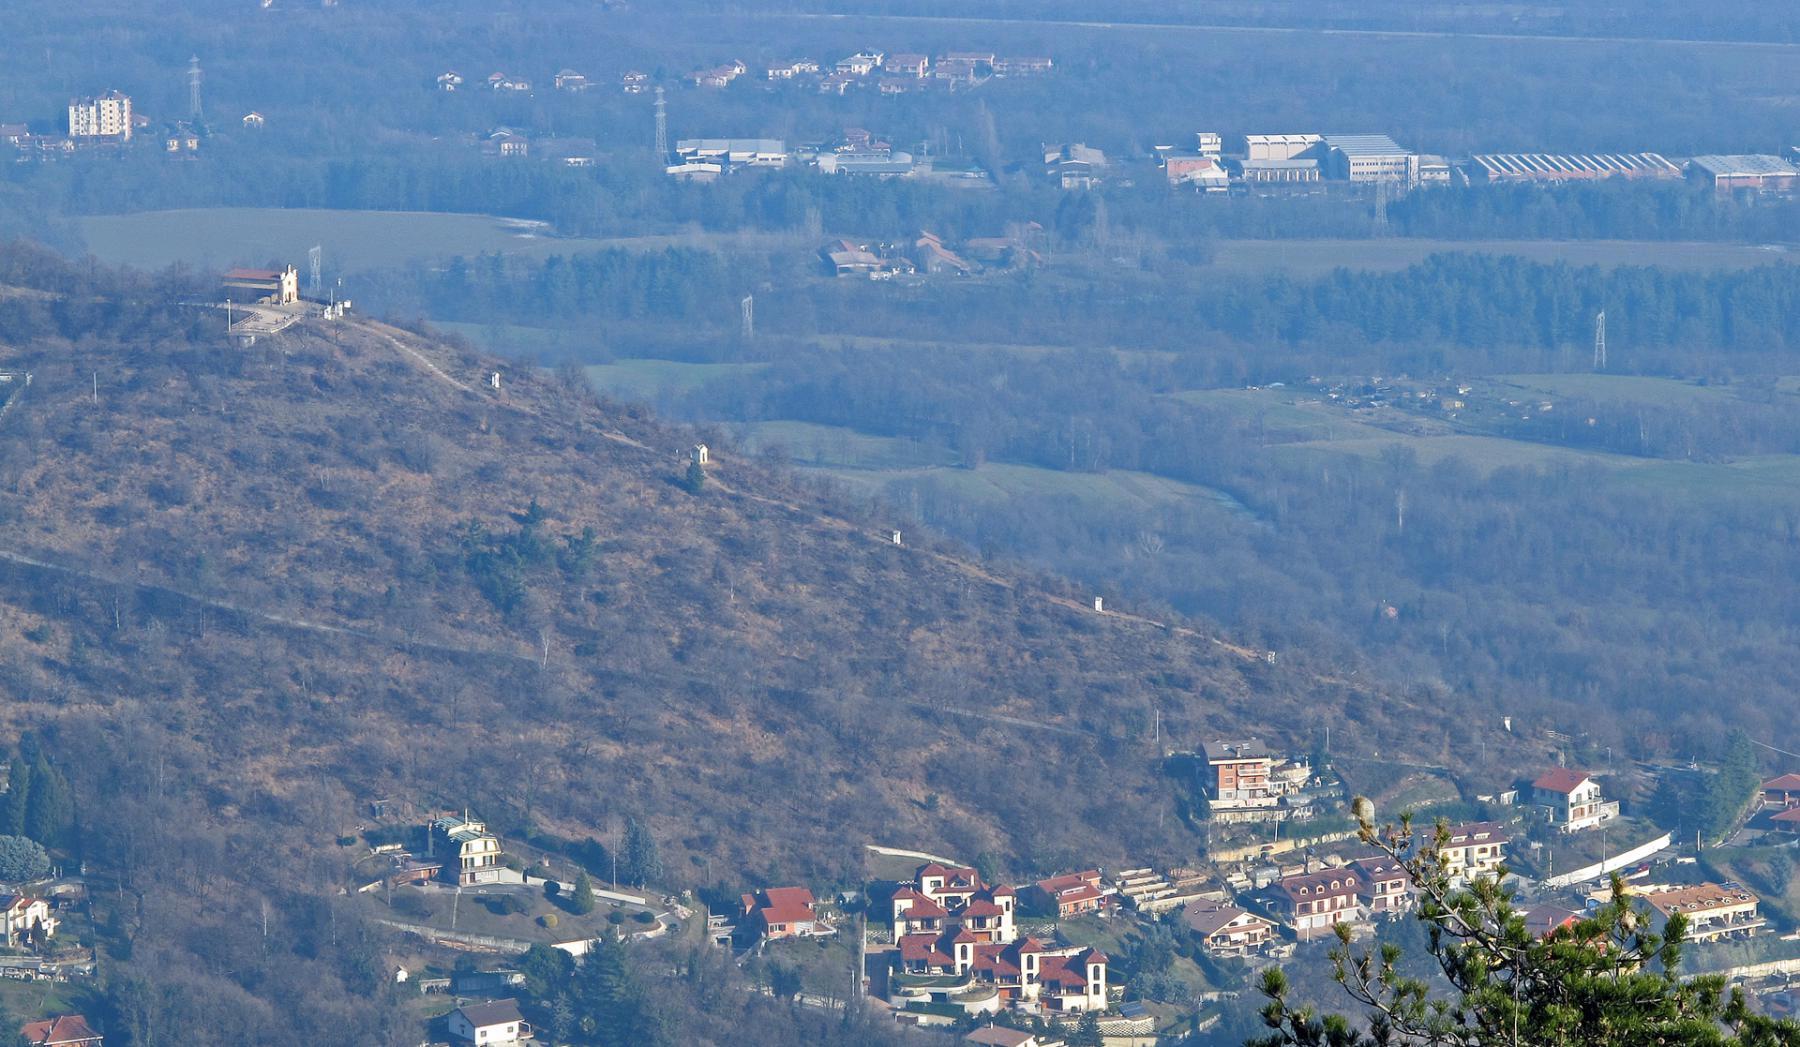 I piloni della Via Crucis,inizio di questa escursione,visti dal M. Baron